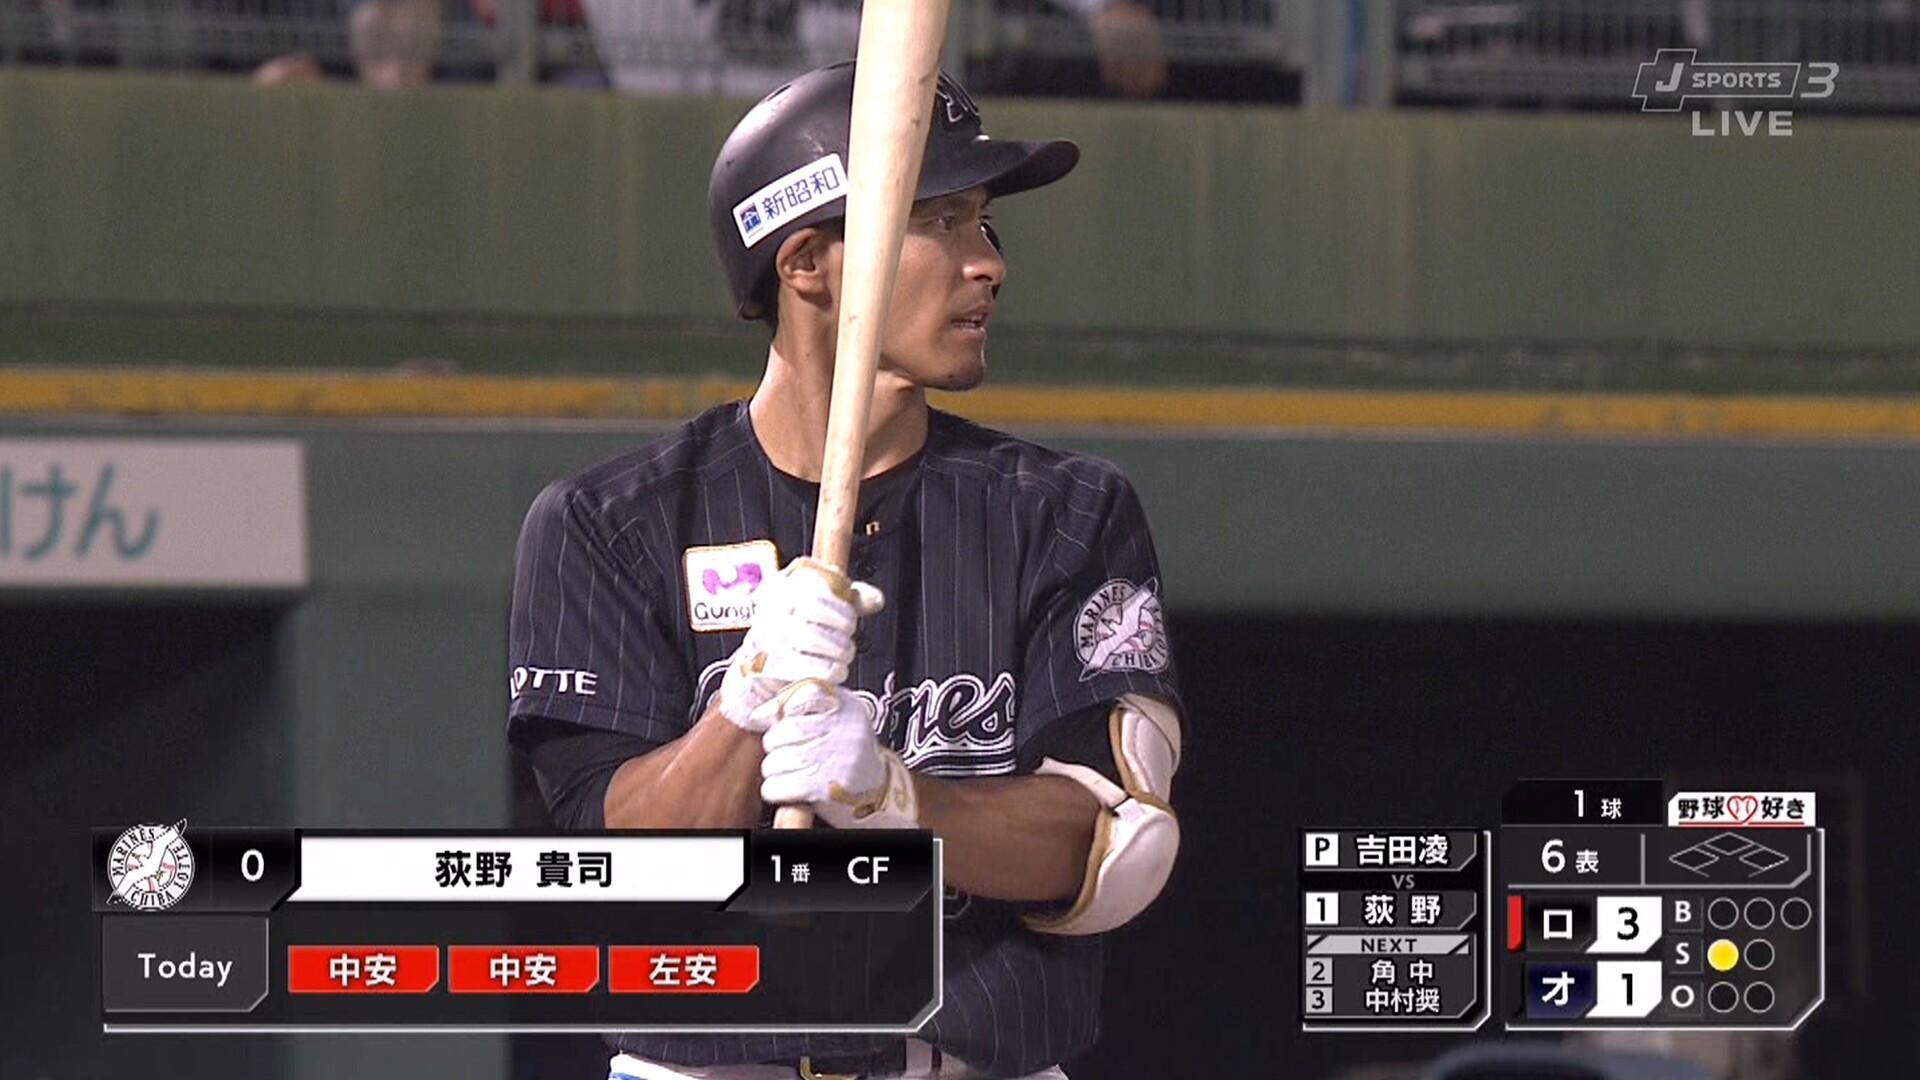 荻野貴司(35) なんと今日まで全試合出場